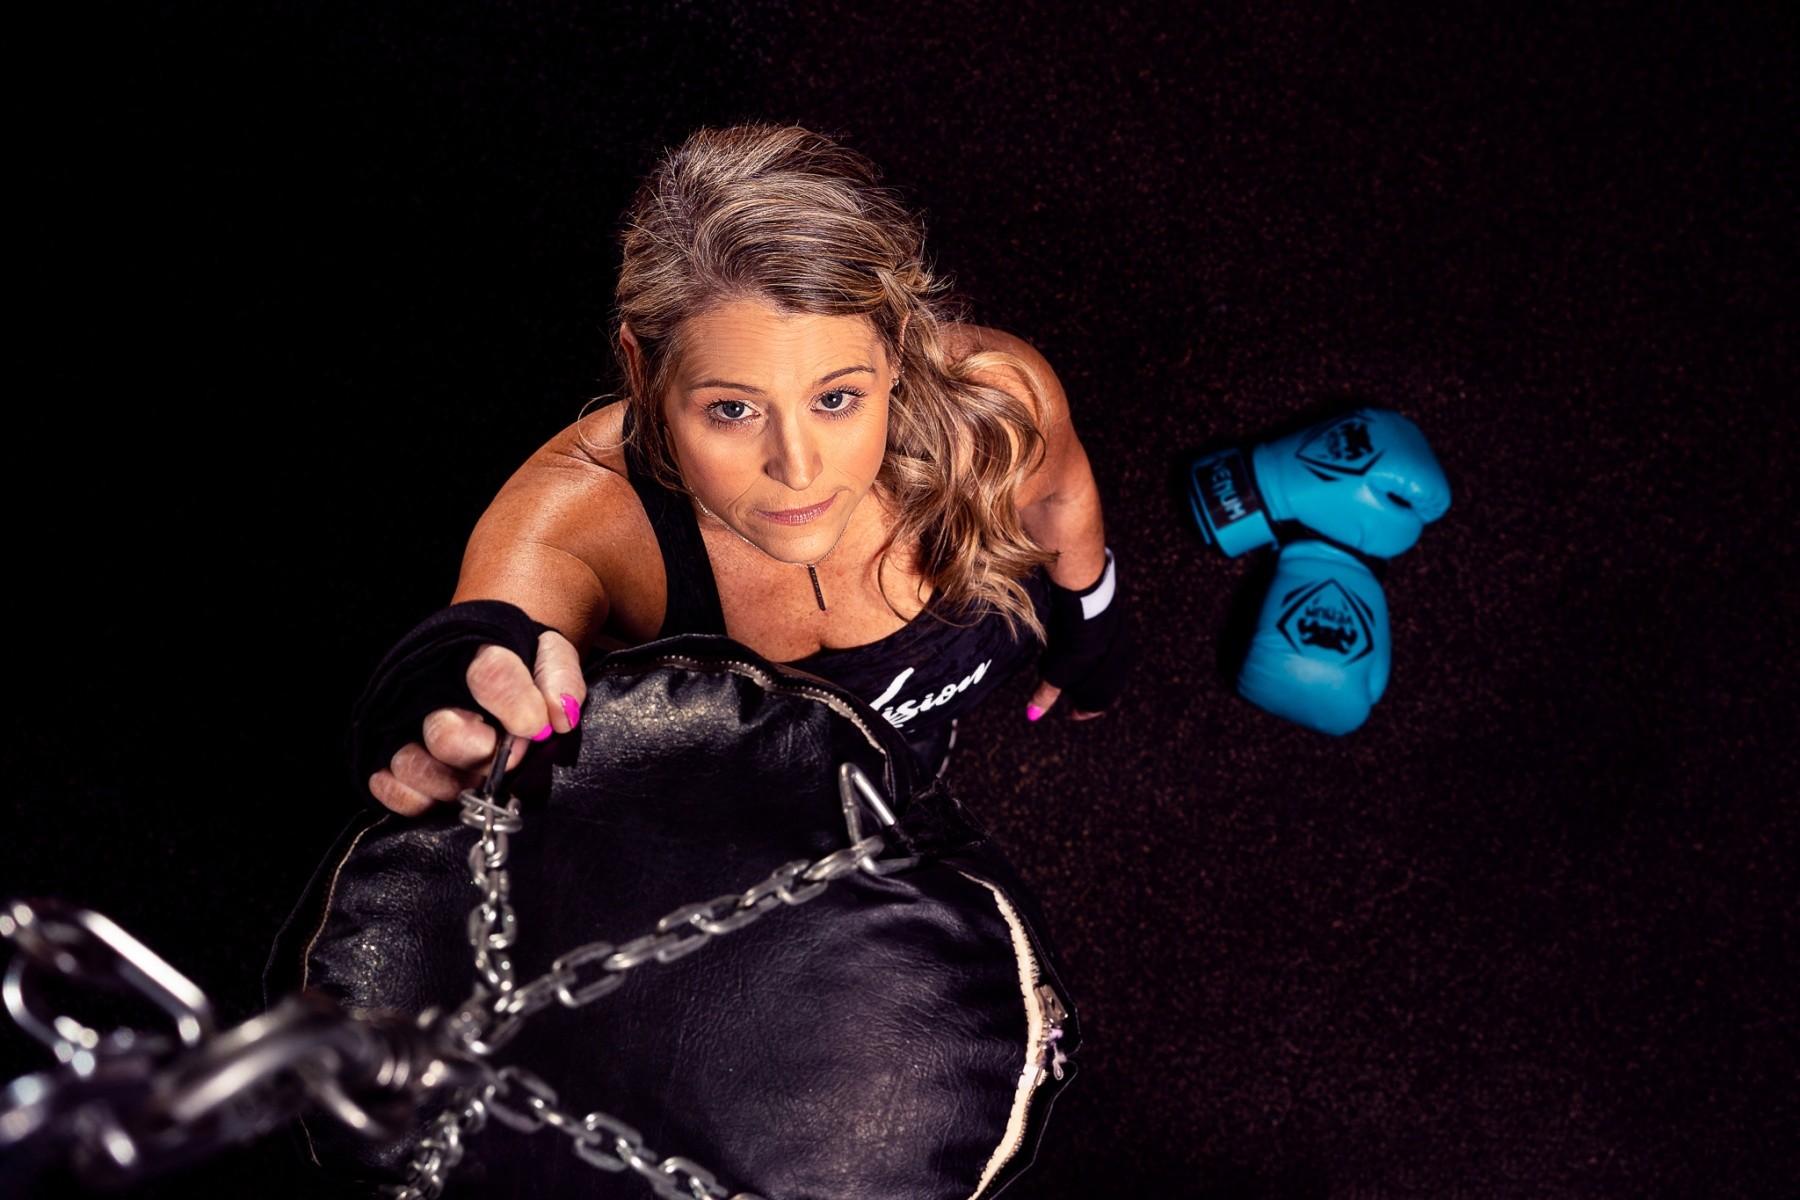 Female Boxer Theresa Fackler